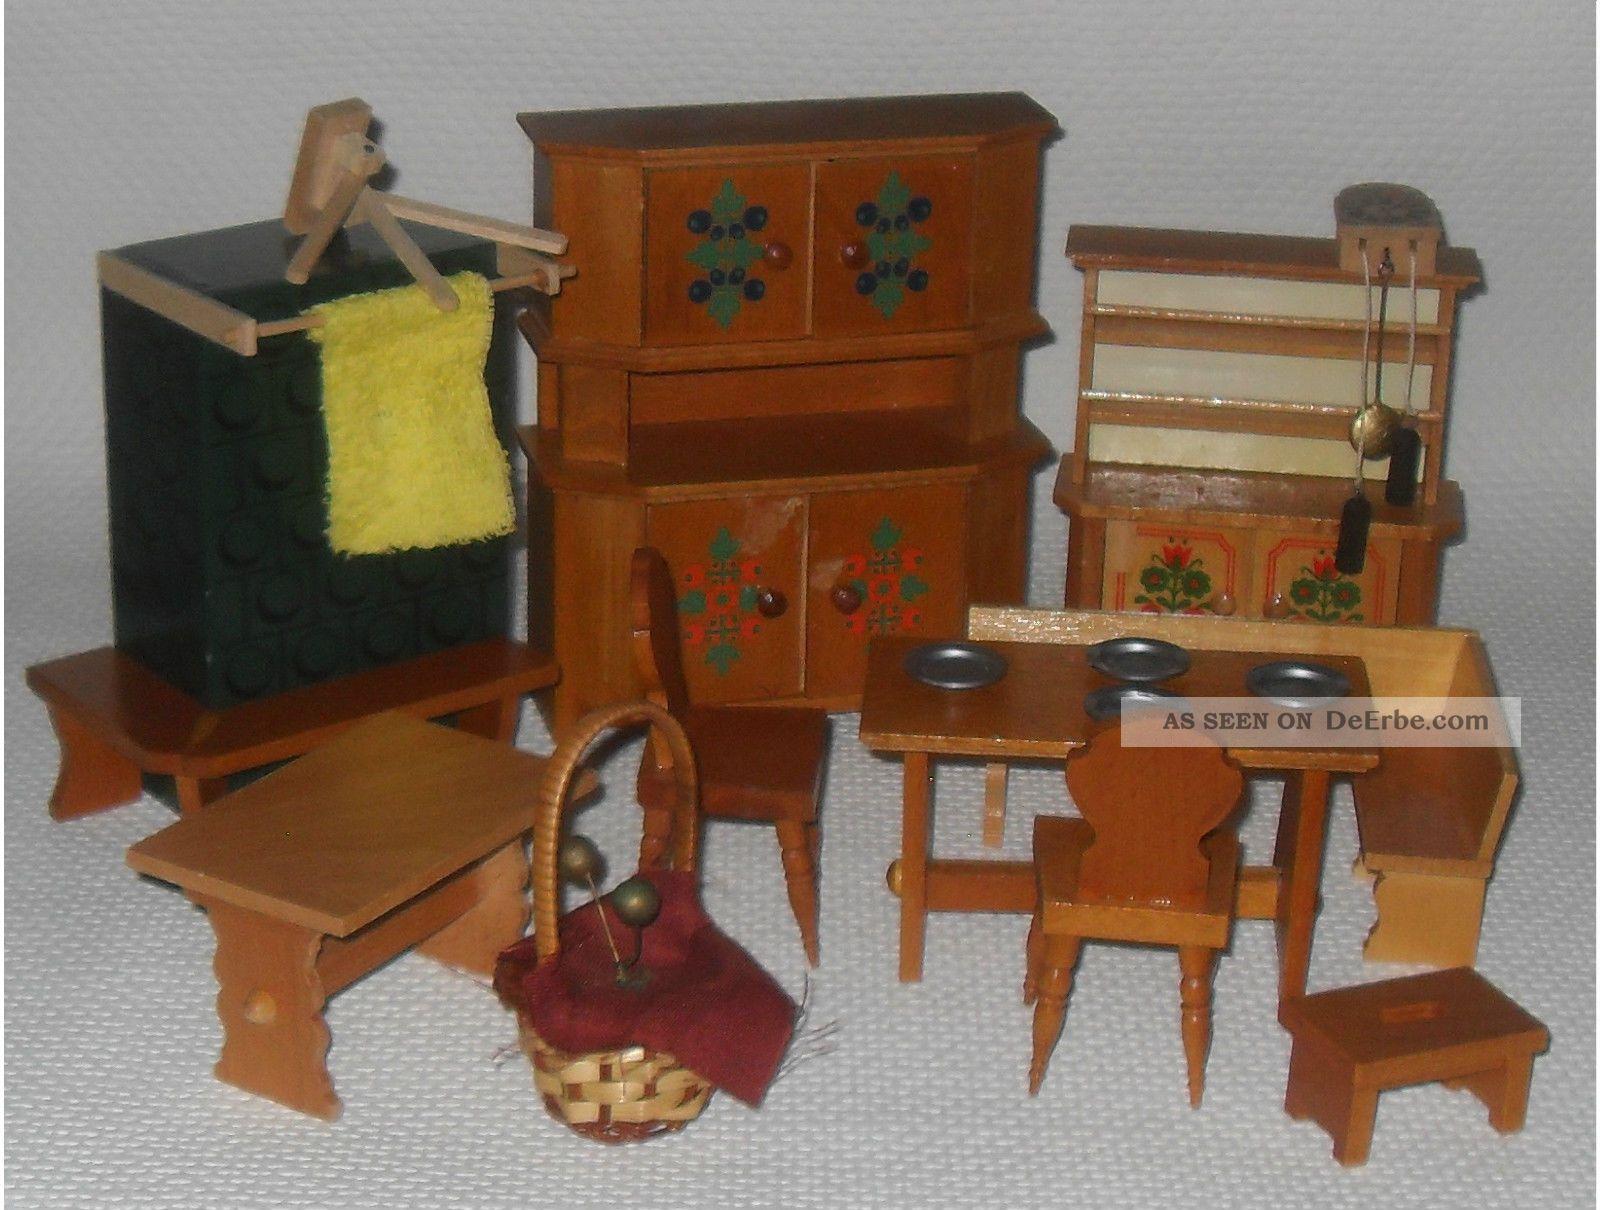 Mehrtlg. Puppenhausmöbel, Puppenstubenküche, Bauernmalerei, Holz ...